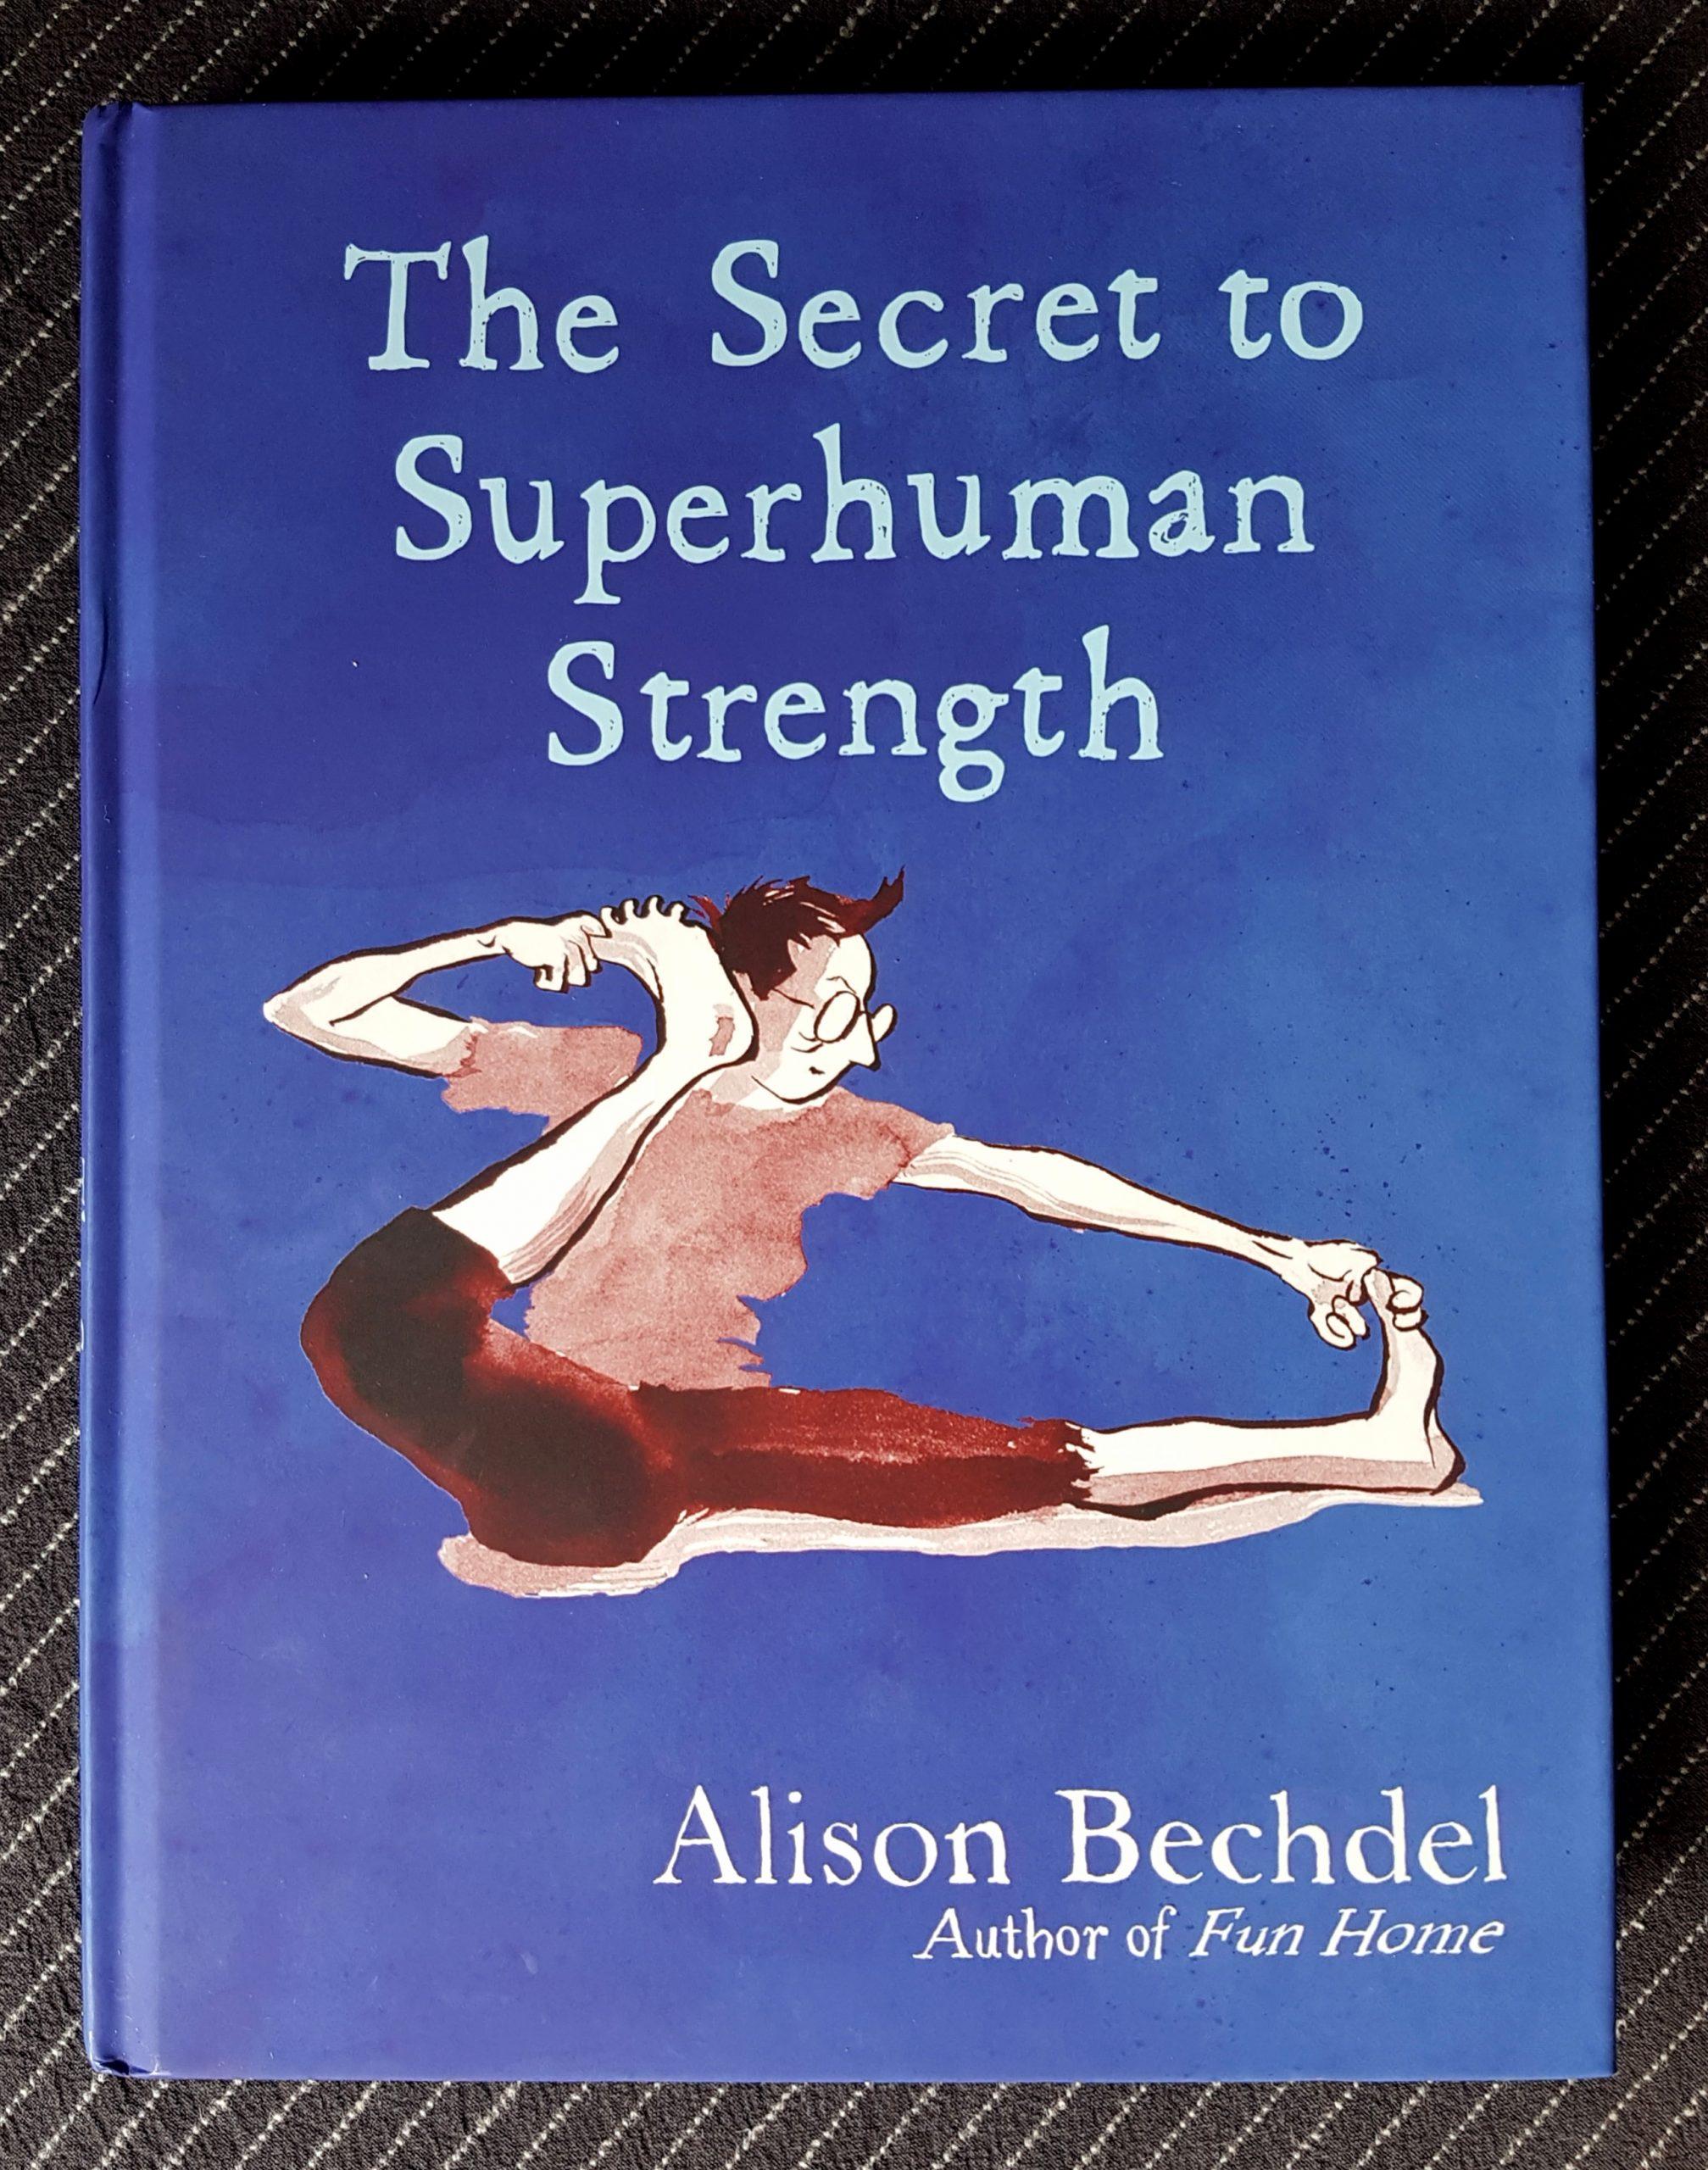 Buchdeckel von »The Secret to Superhuman Strength« von Alison Bechdel. Eine gezeichnete weiße Person mit mit kurzen dunklen Haaren macht sitzend Dehnungsübungen für die Beine. Beschriftungen sind weiß auf blauem Grund.